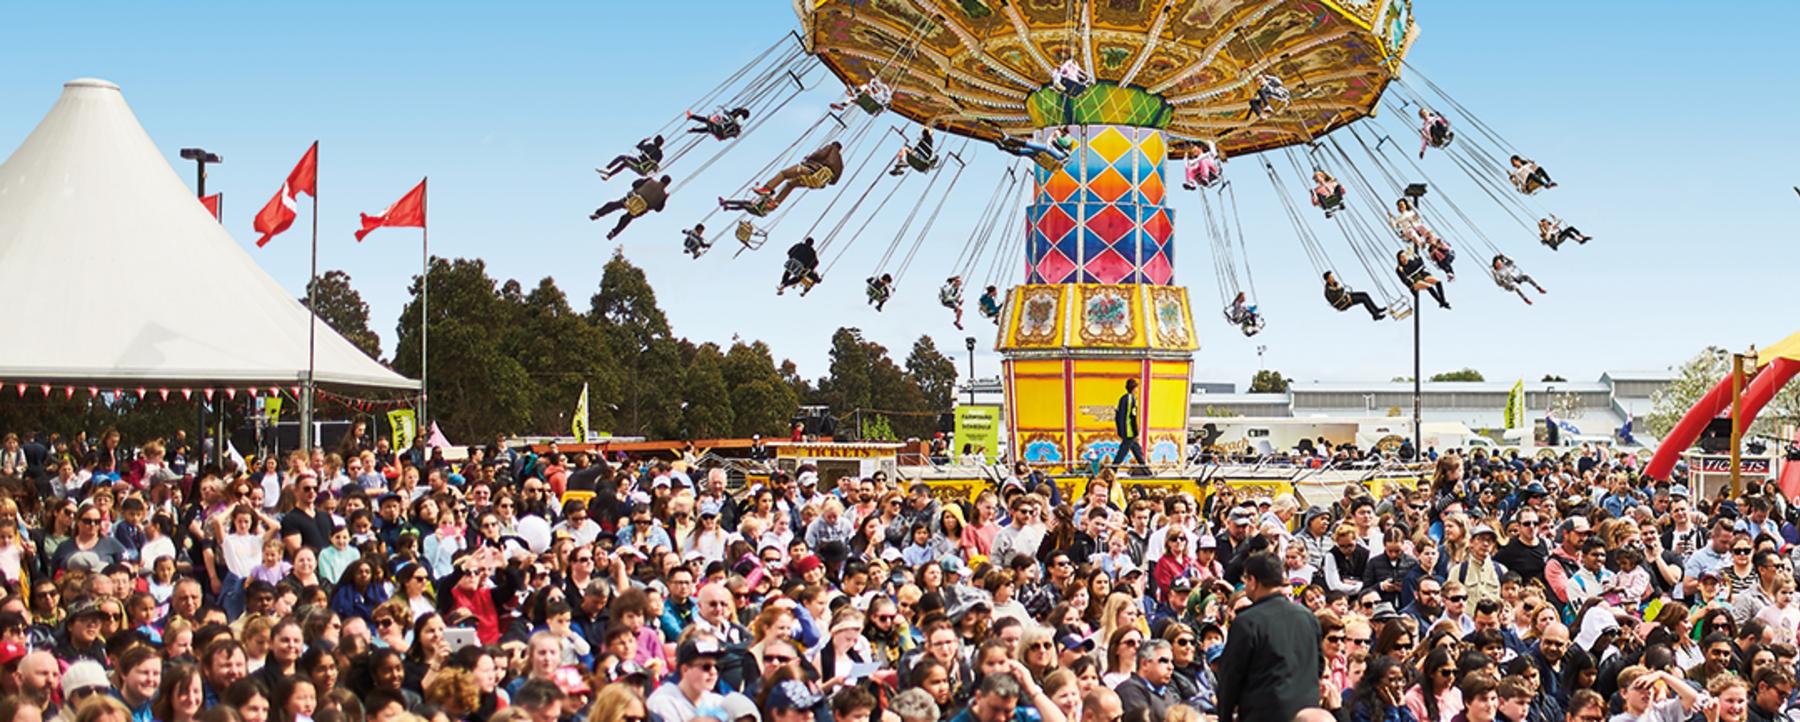 Royal Melbourne Show crowds